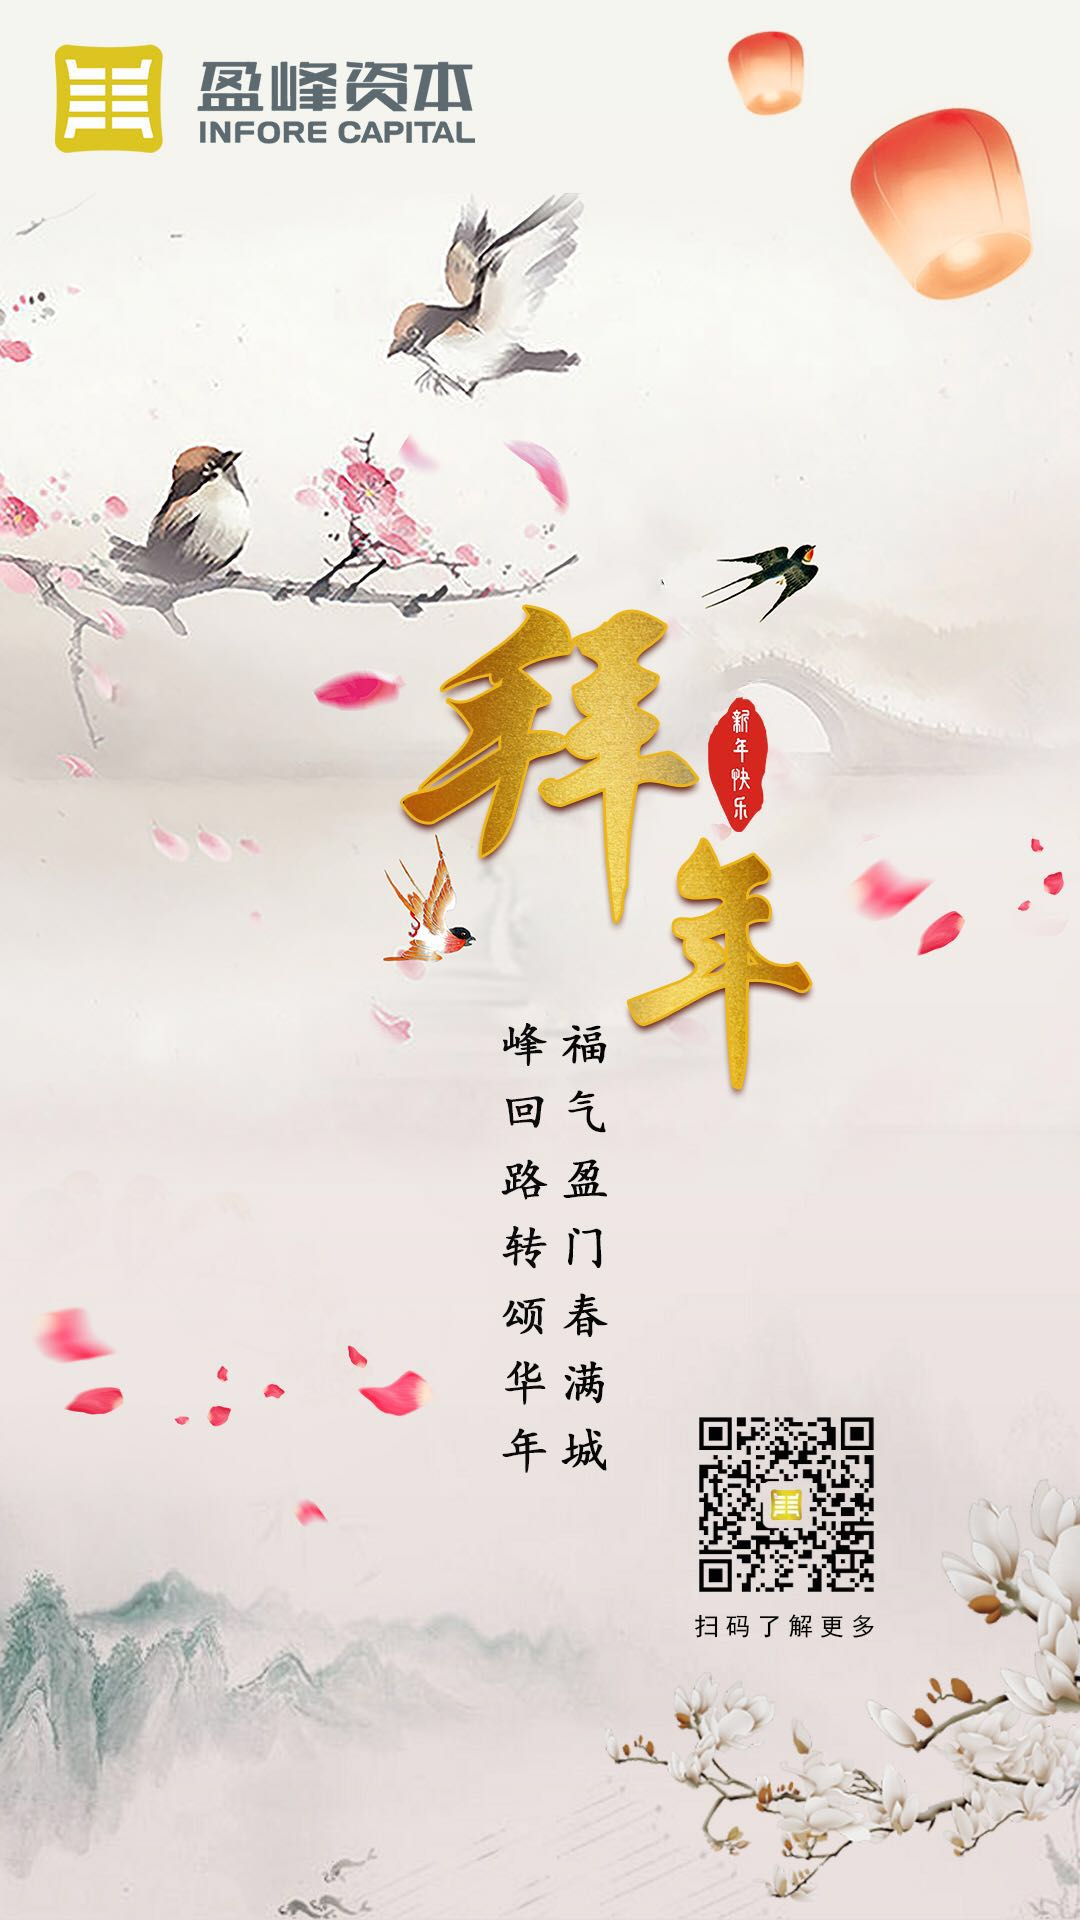 盈峰资本恭祝您新春大吉,阖家幸福!